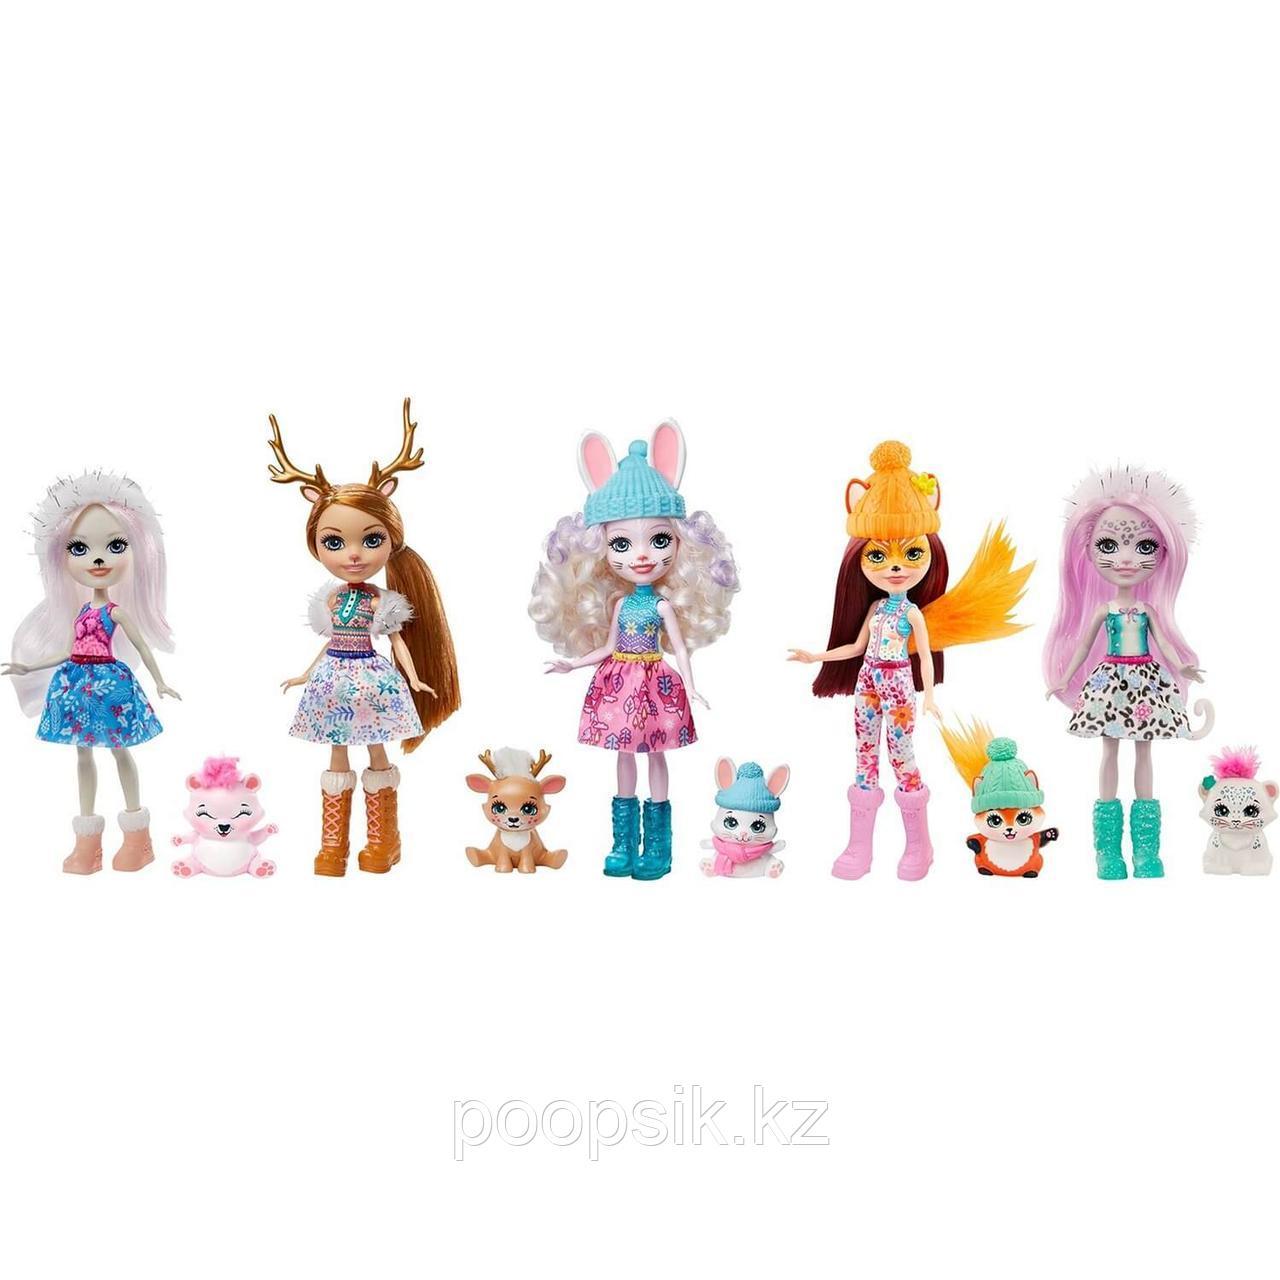 Enchantimals 5 кукол+питомцы Снежный день с друзьями GXB20